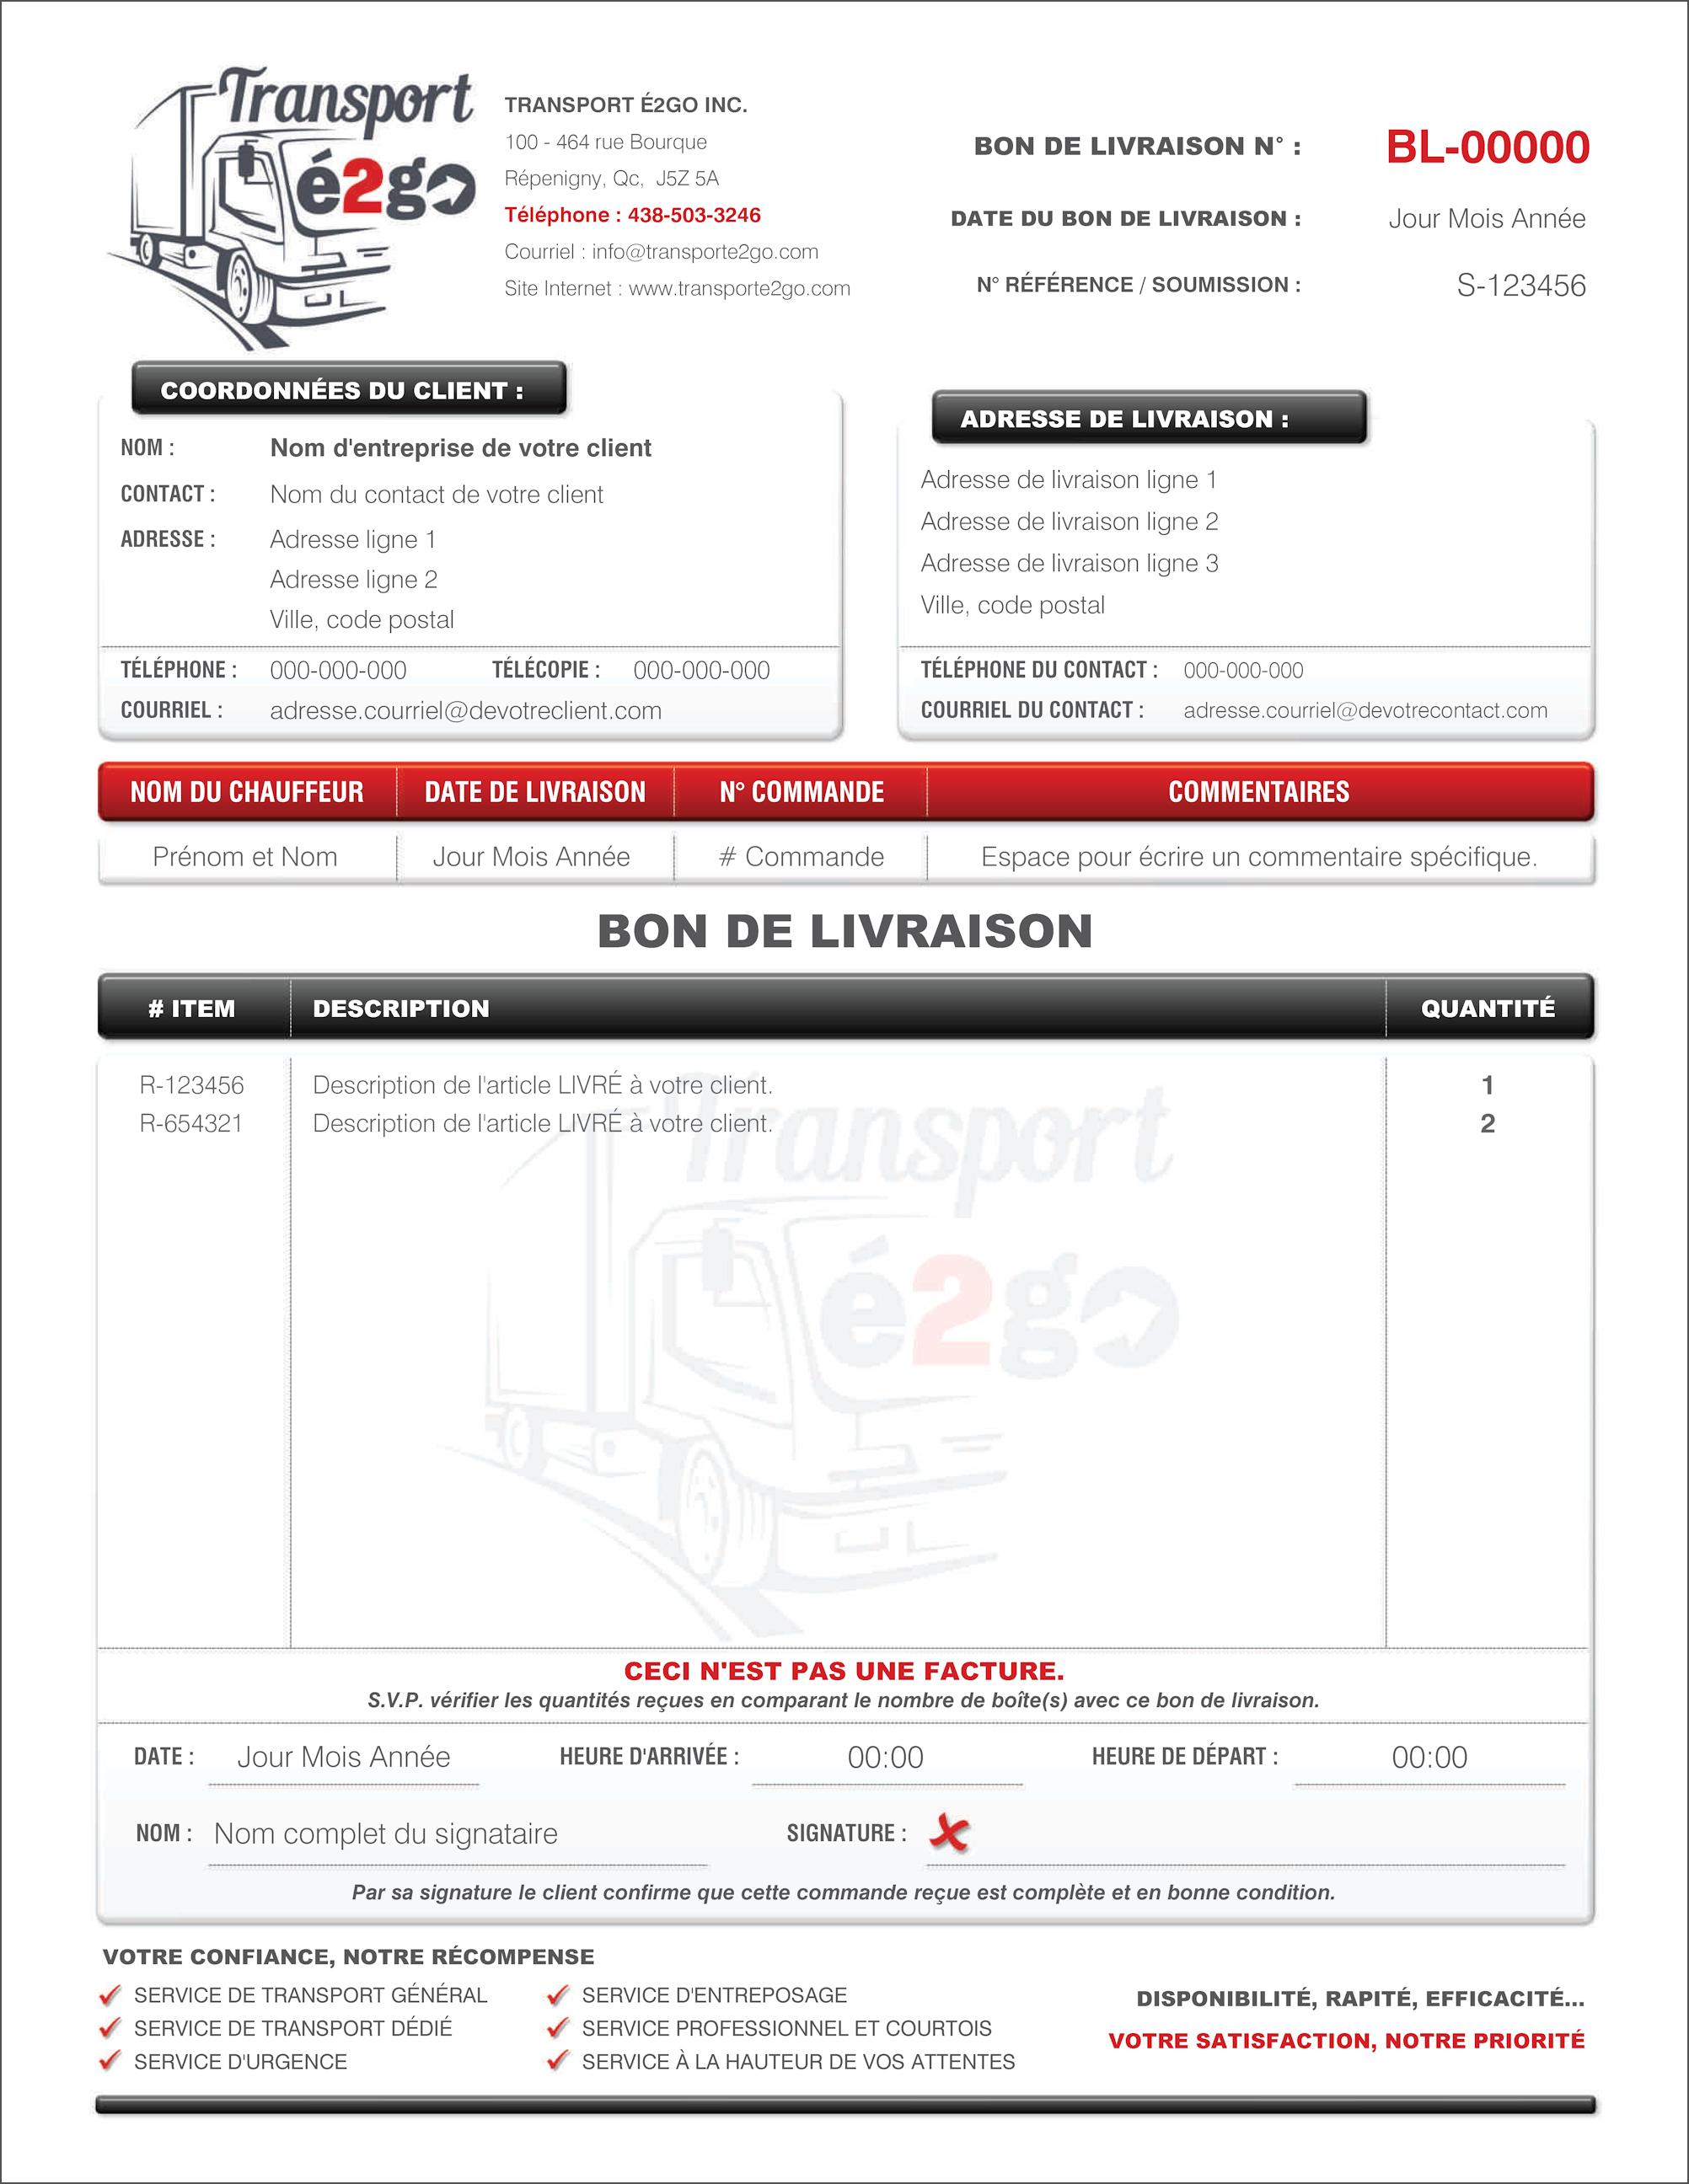 Remplir et signer un document PDF - fr.linkedin.com Anciennement video2brain - Détaillez les nouveaux outils permettant de remplir et de signer des documents PDF. Vous allez aussi voir les différentes possibilités de signer numériquement un document PDF.